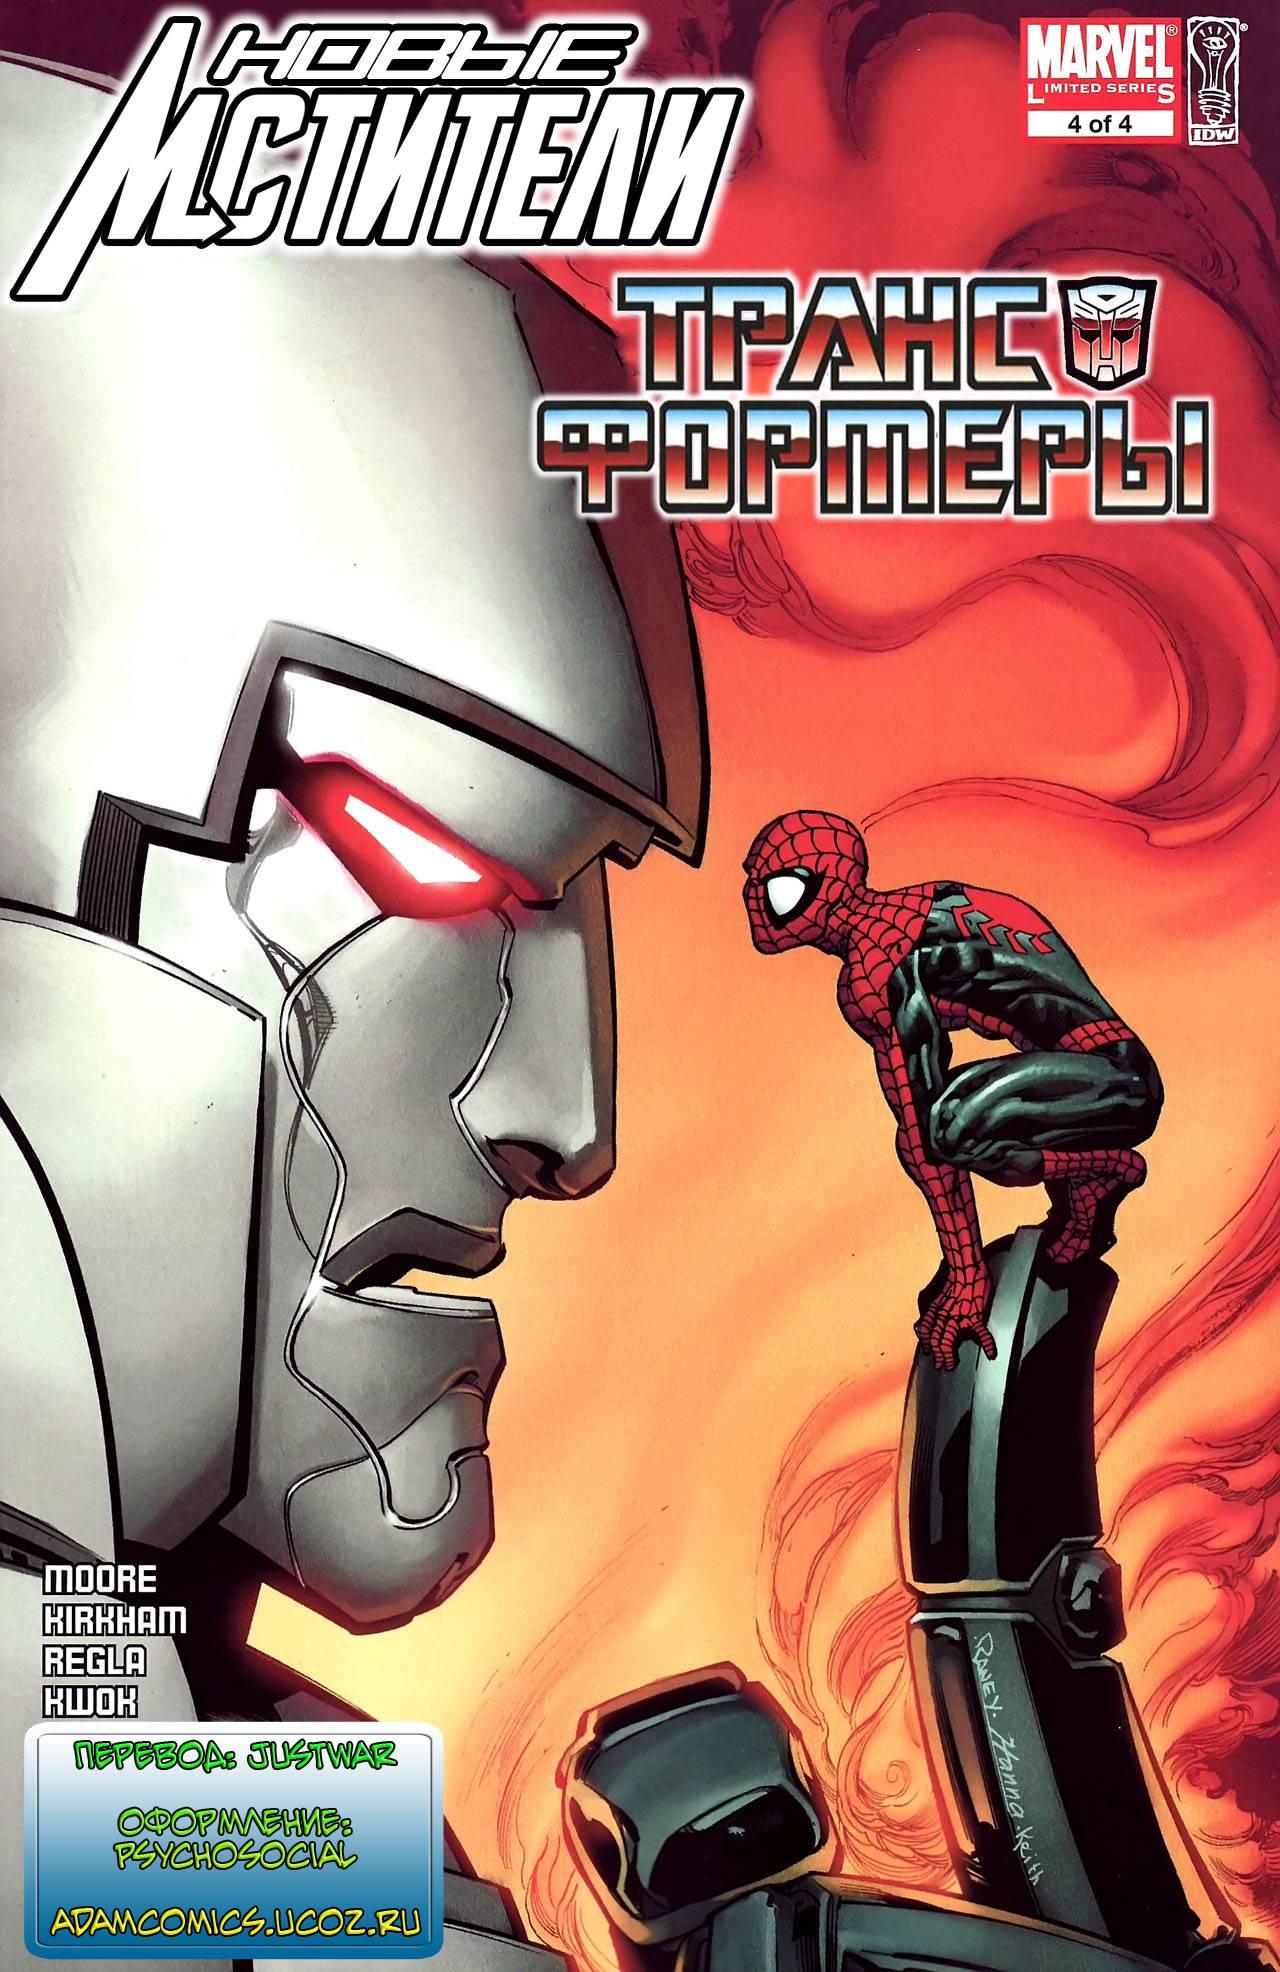 Новые Мстители / Трансформеры №4 онлайн